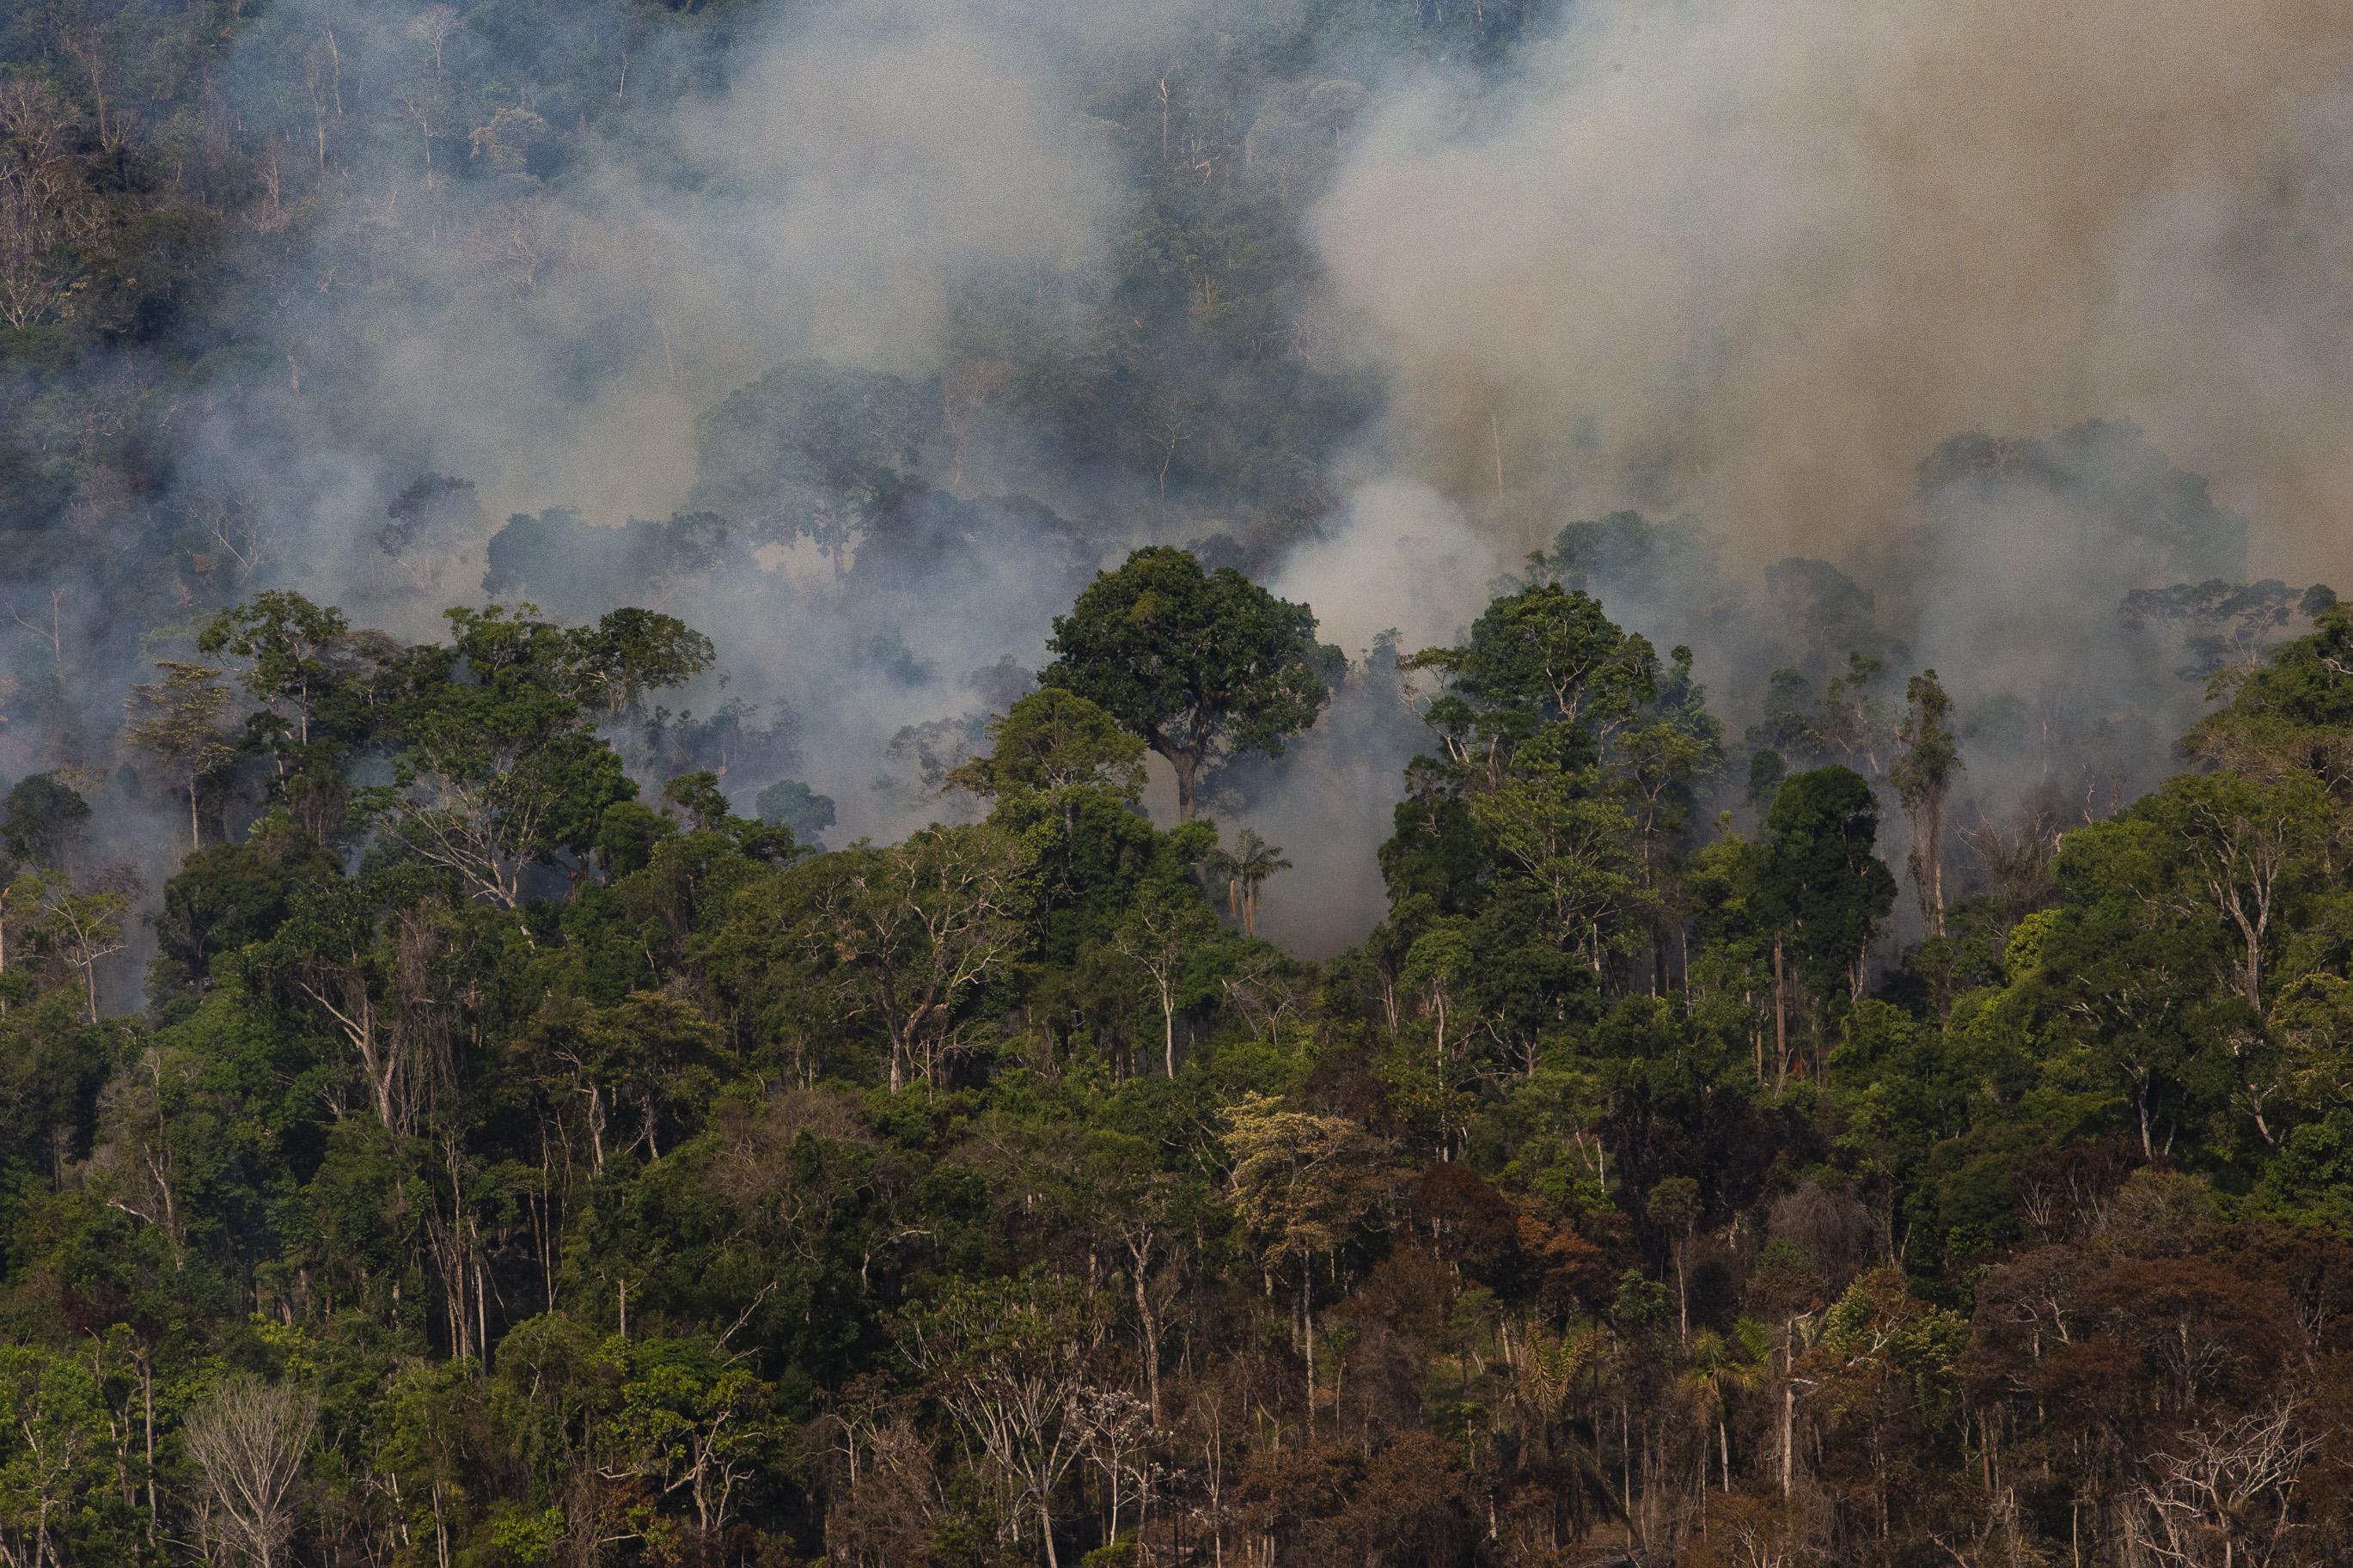 FVA lança boletim sobre prevenção e combate a incêndios florestais